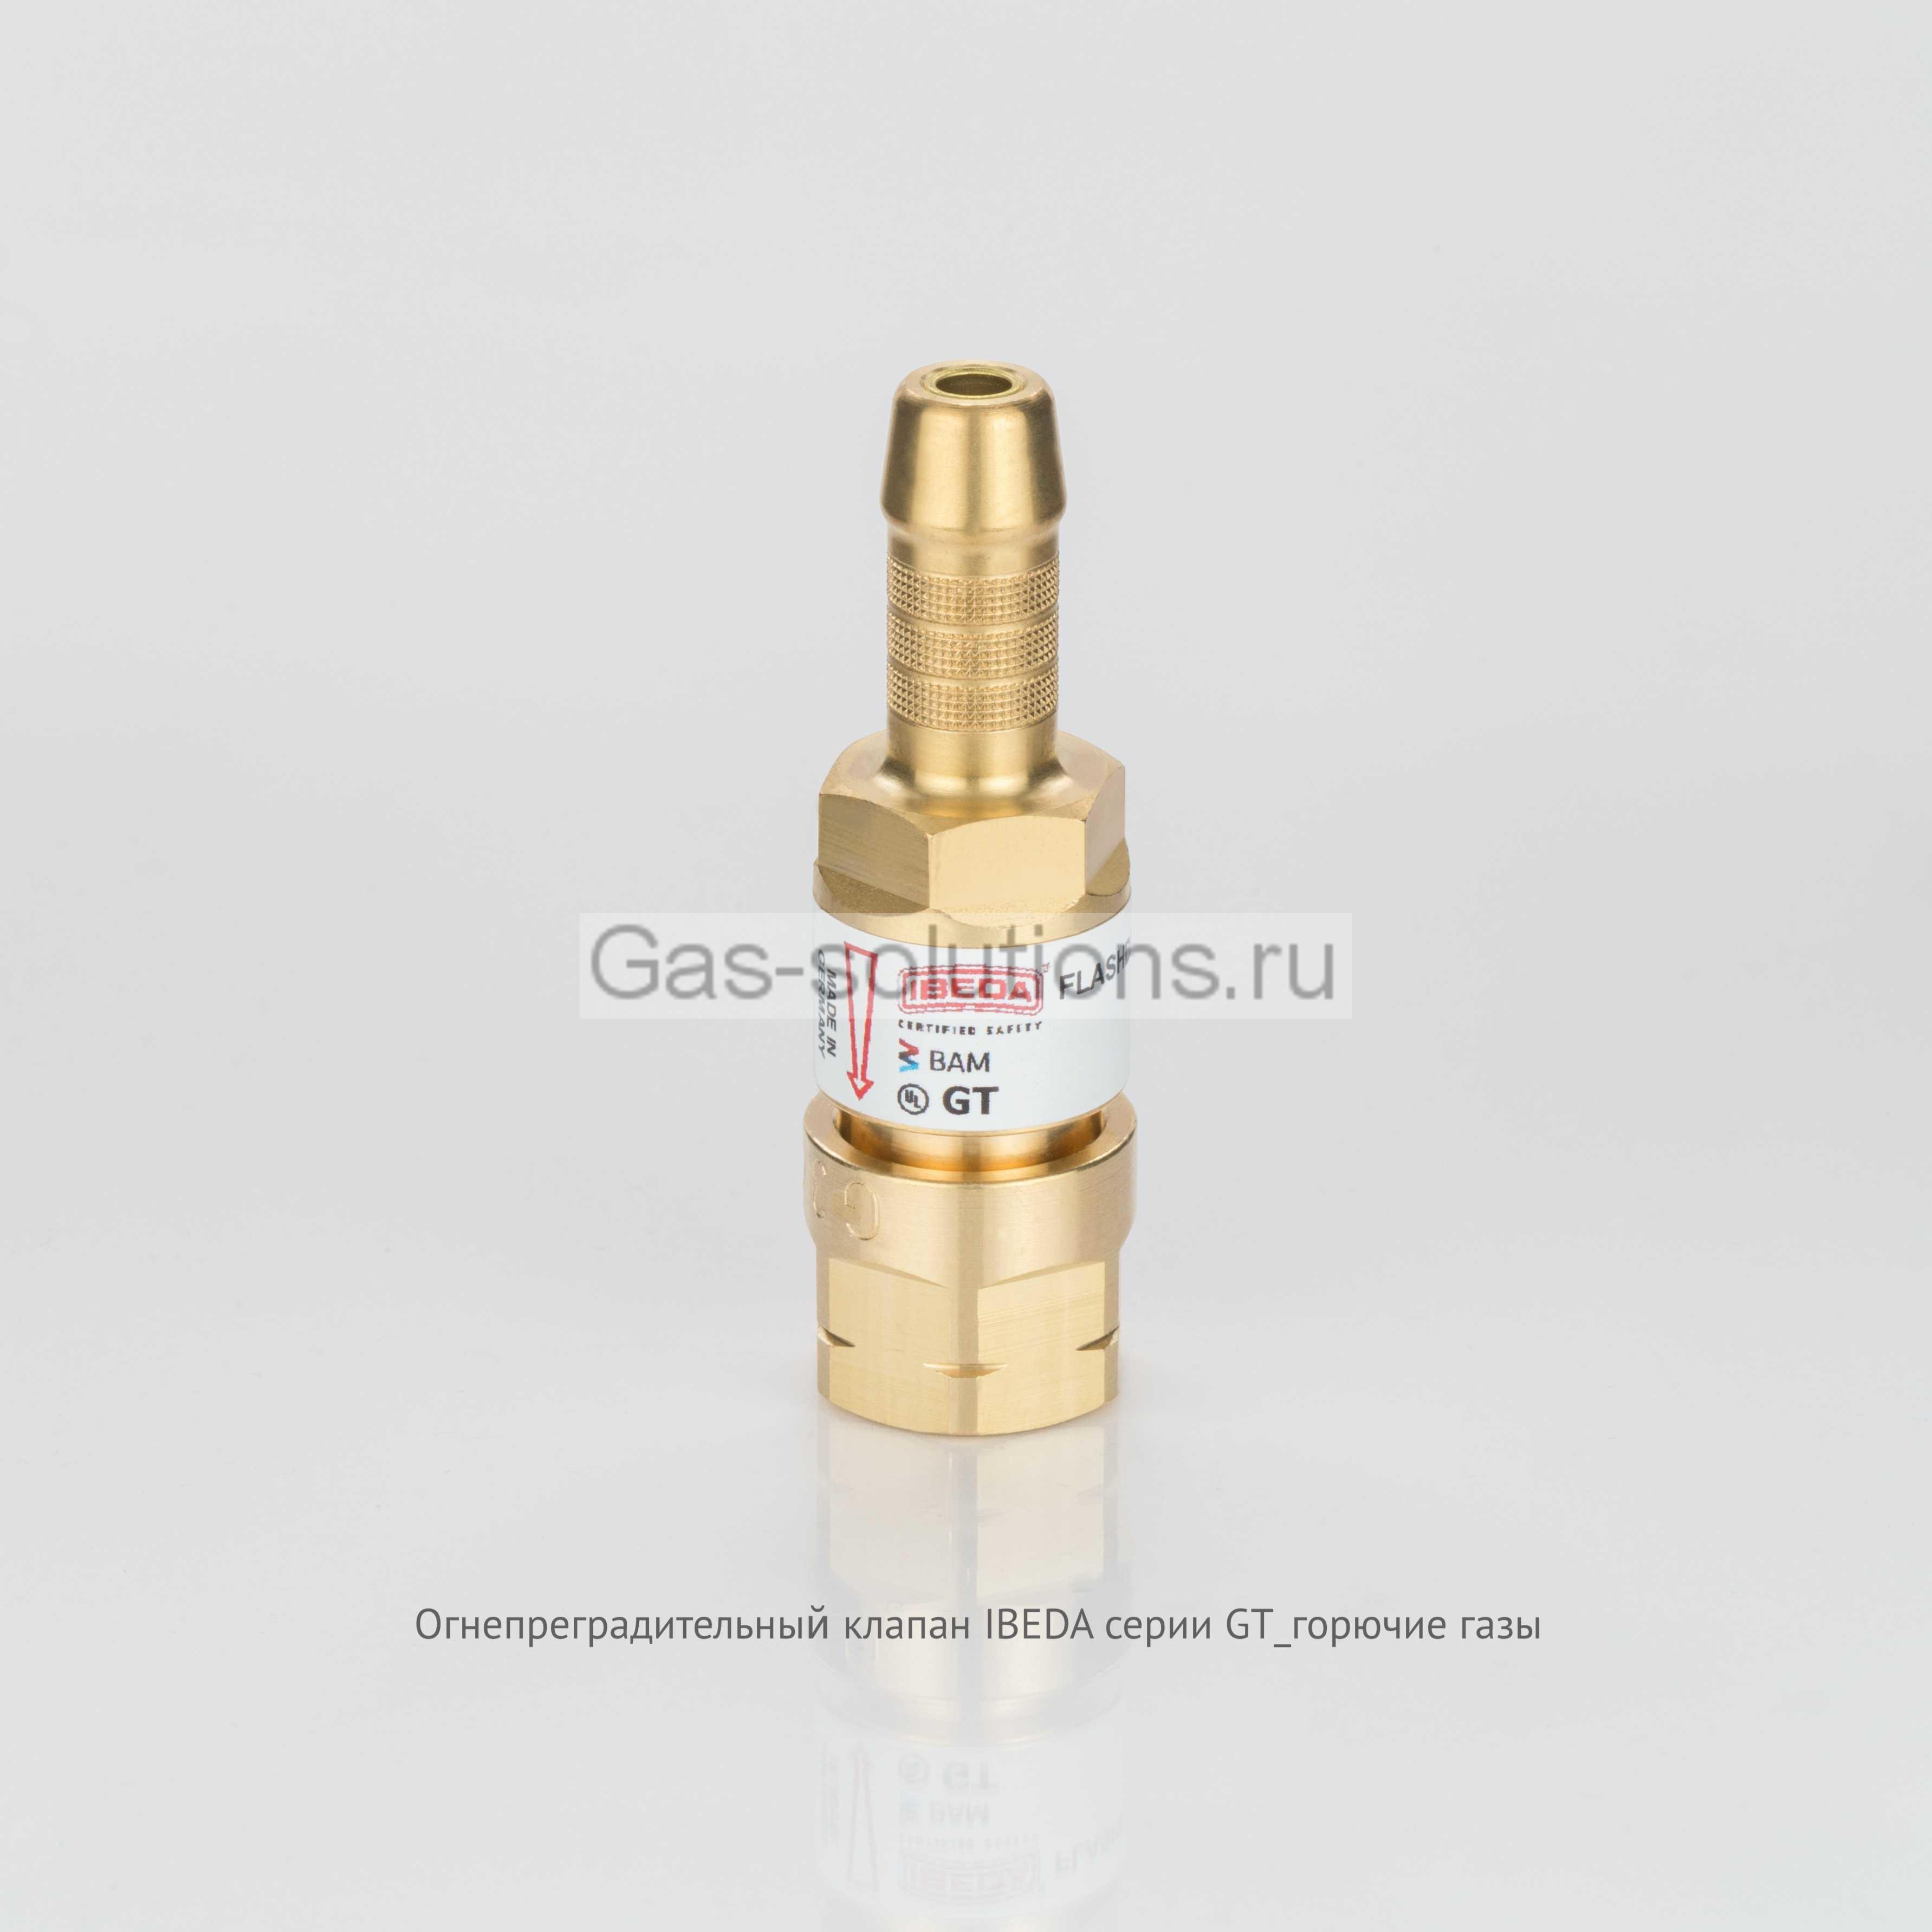 Огнепреградительный клапан IBEDA серии GT_горючие газы